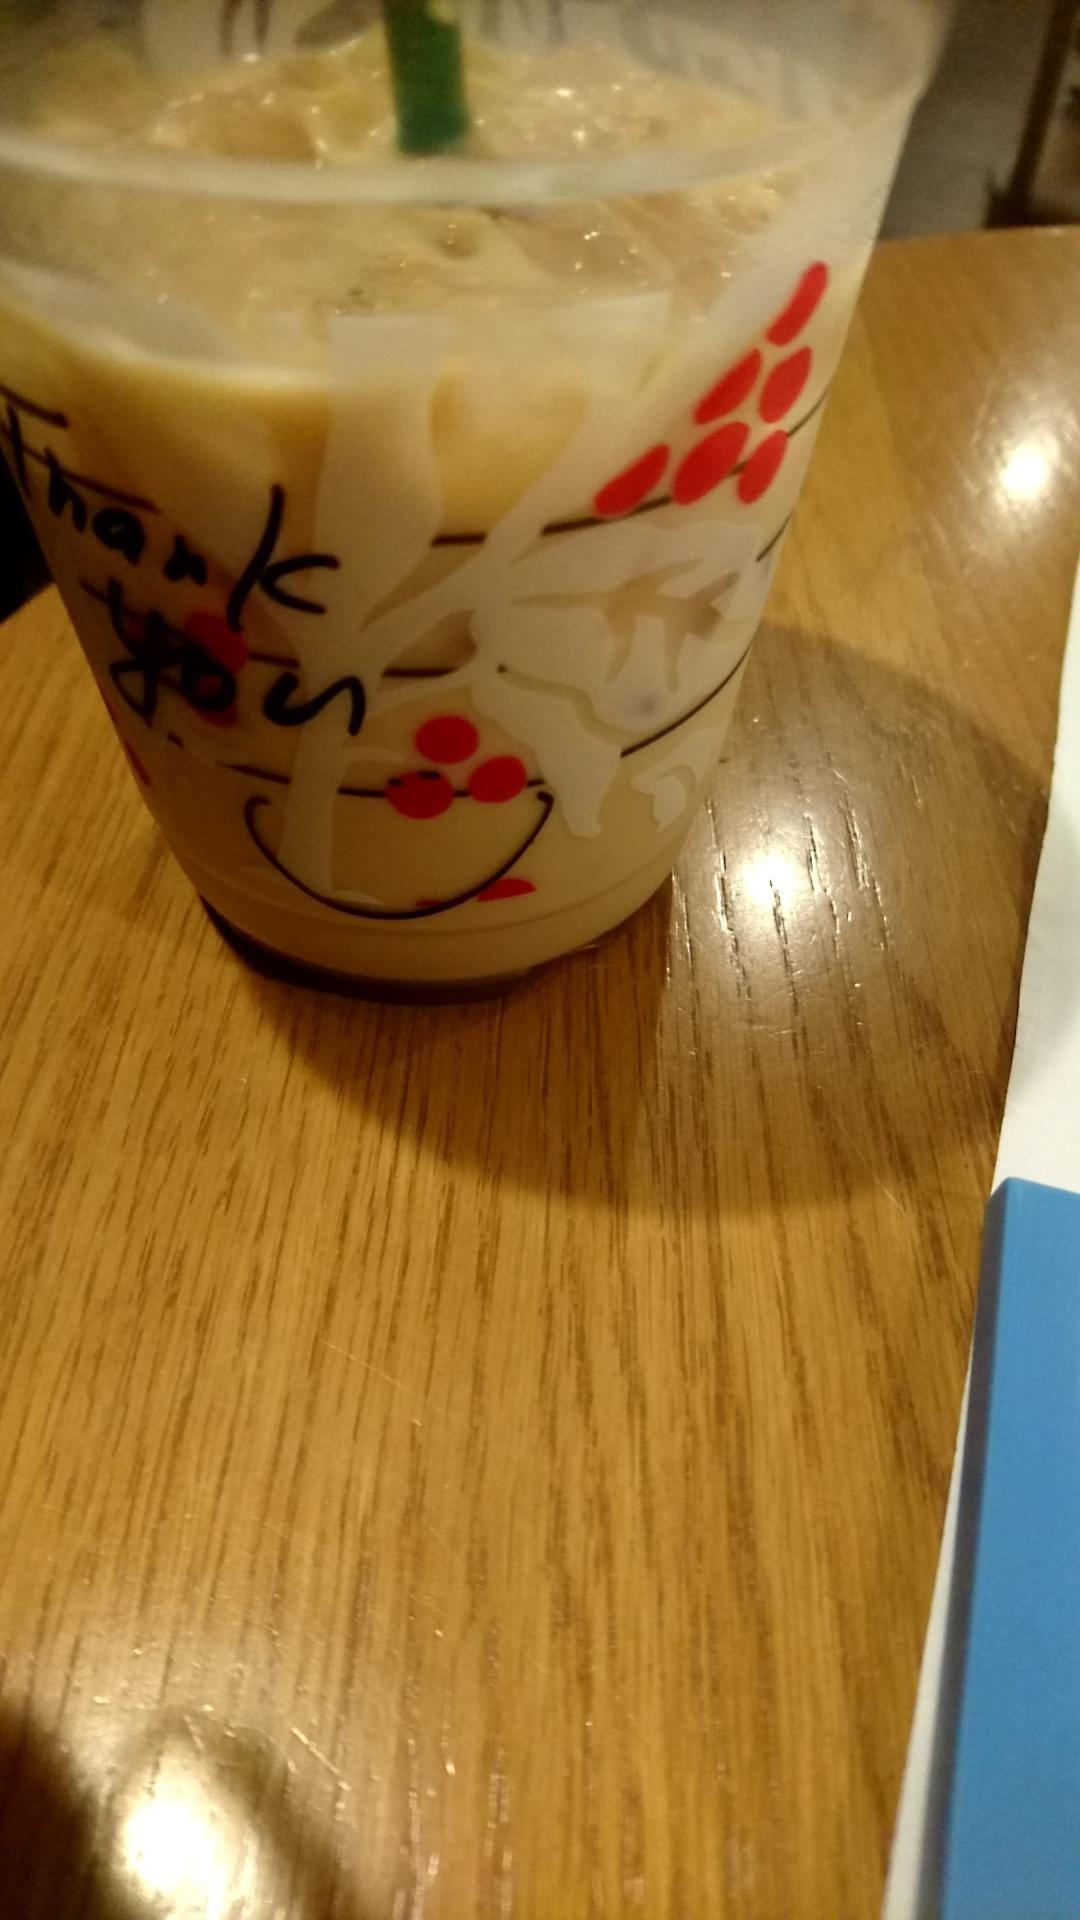 しずか「ありがとうございました!」12/13(木) 19:10   しずかの写メ・風俗動画